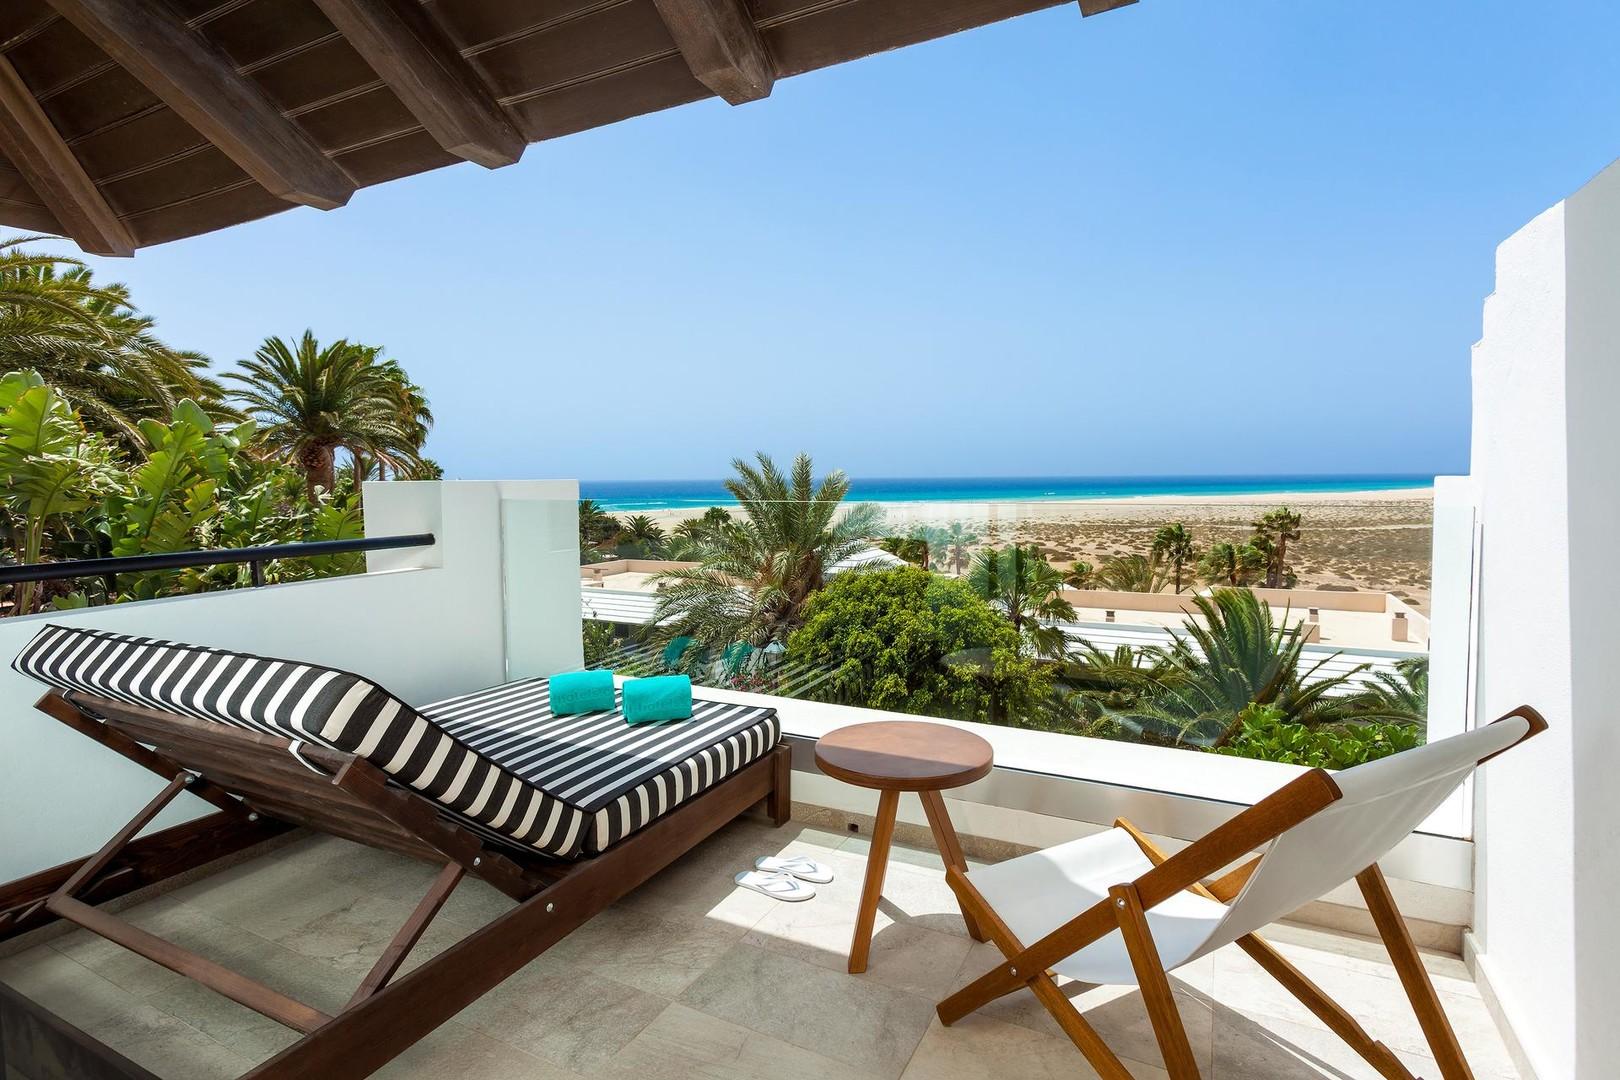 Hotel Sol Beach House #5